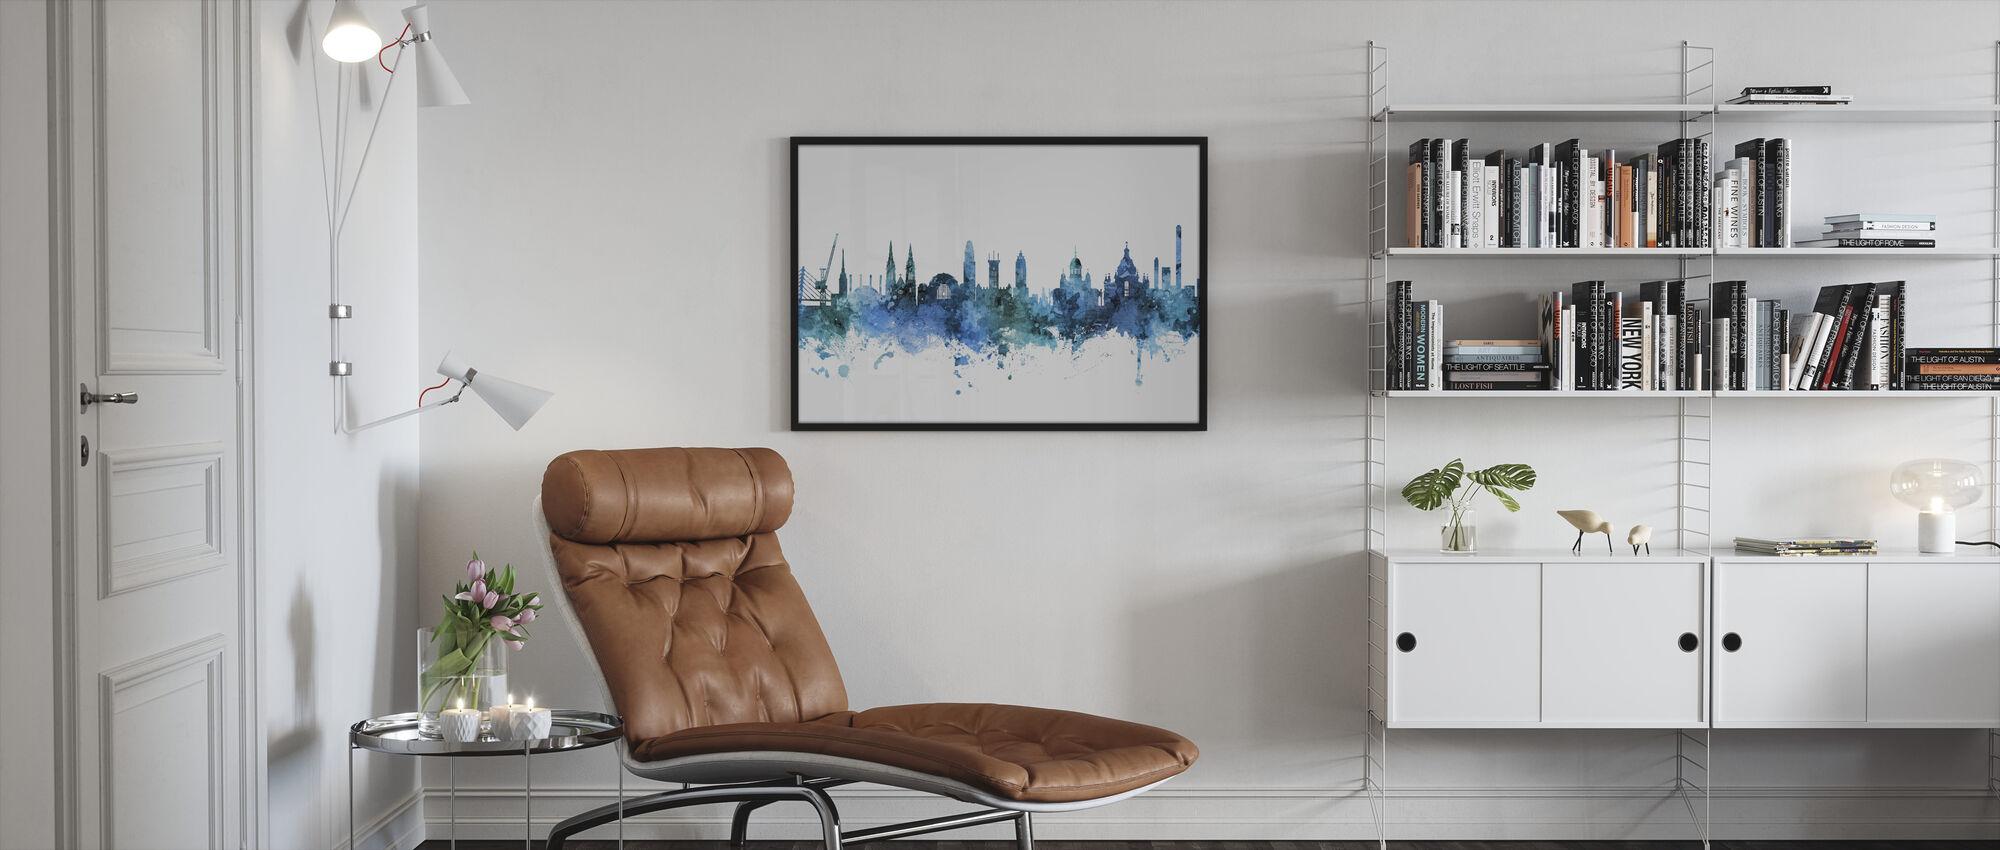 Helsinki Finland Skyline - Framed print - Living Room